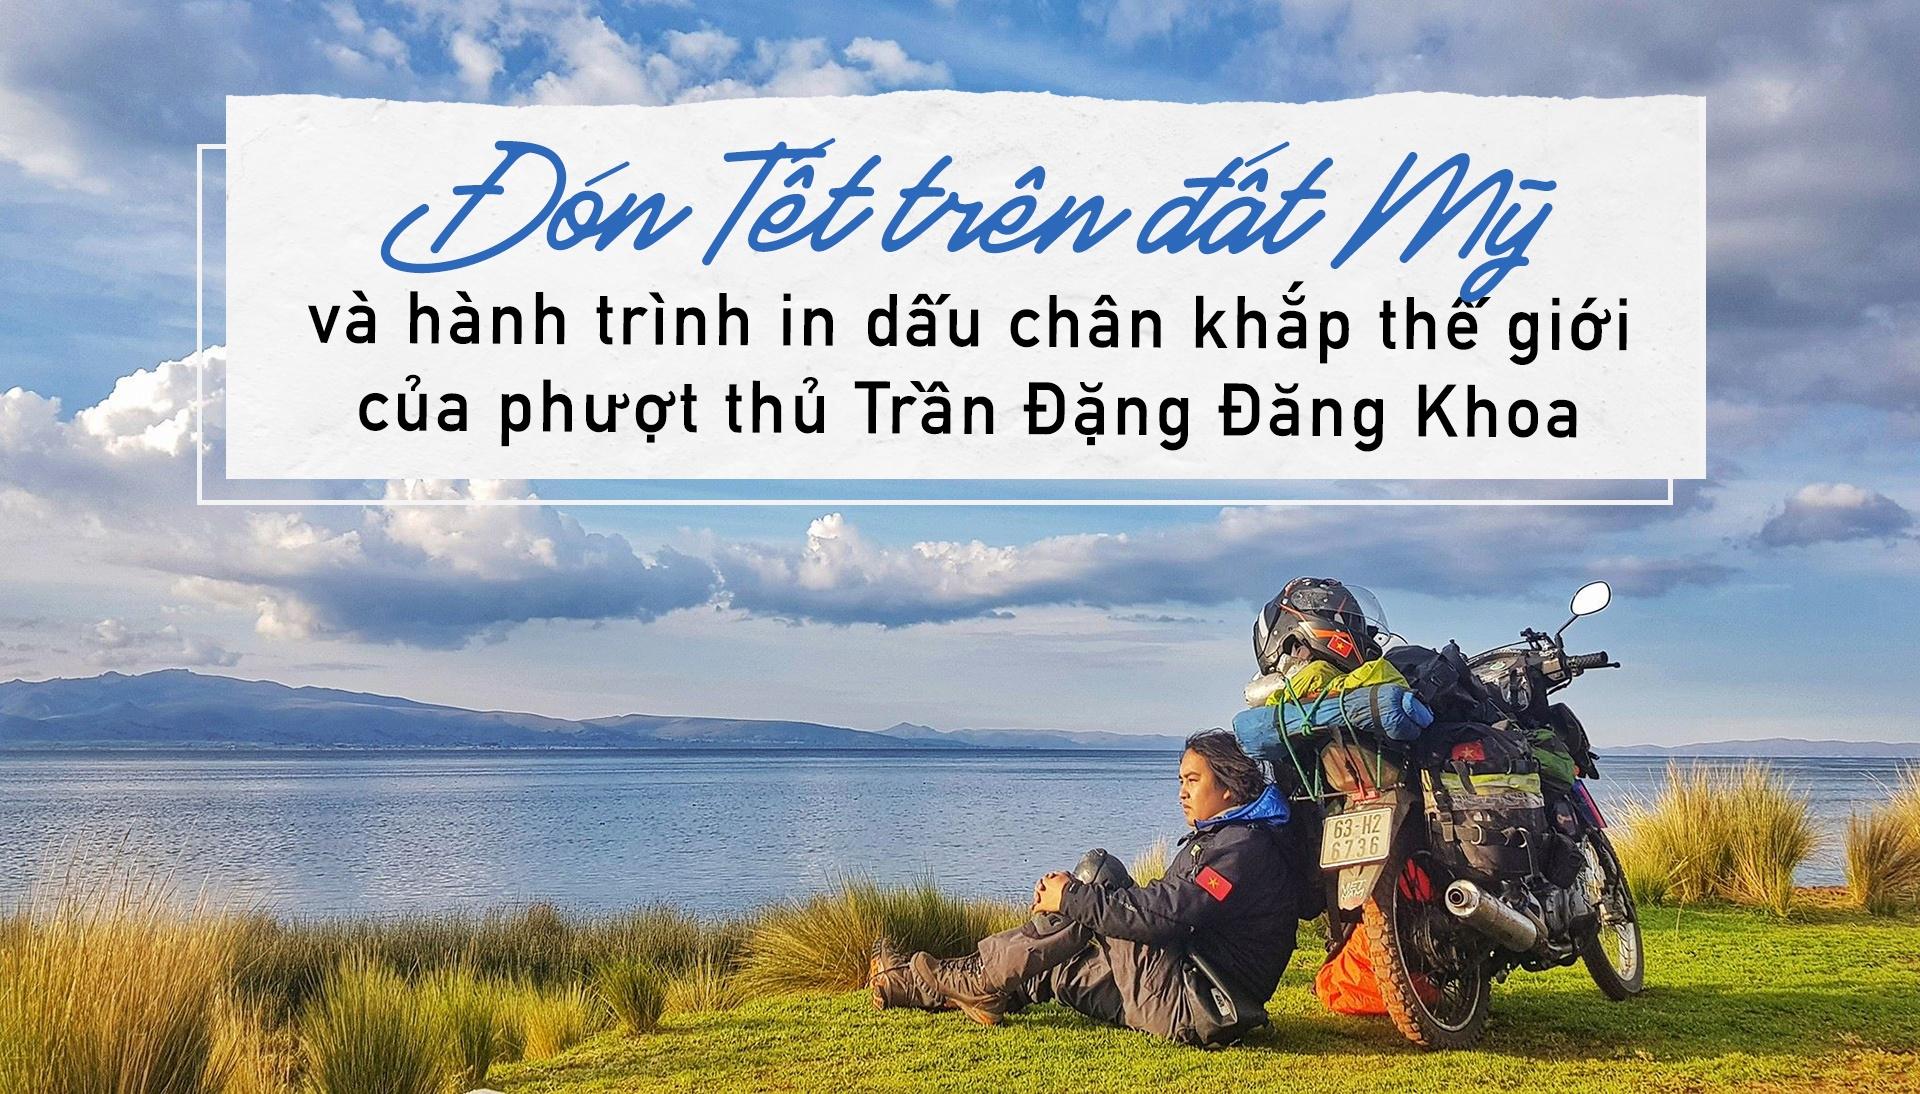 Don Tet o My va gan 2 nam chinh phuc the gioi cua Tran Dang Dang Khoa hinh anh 1